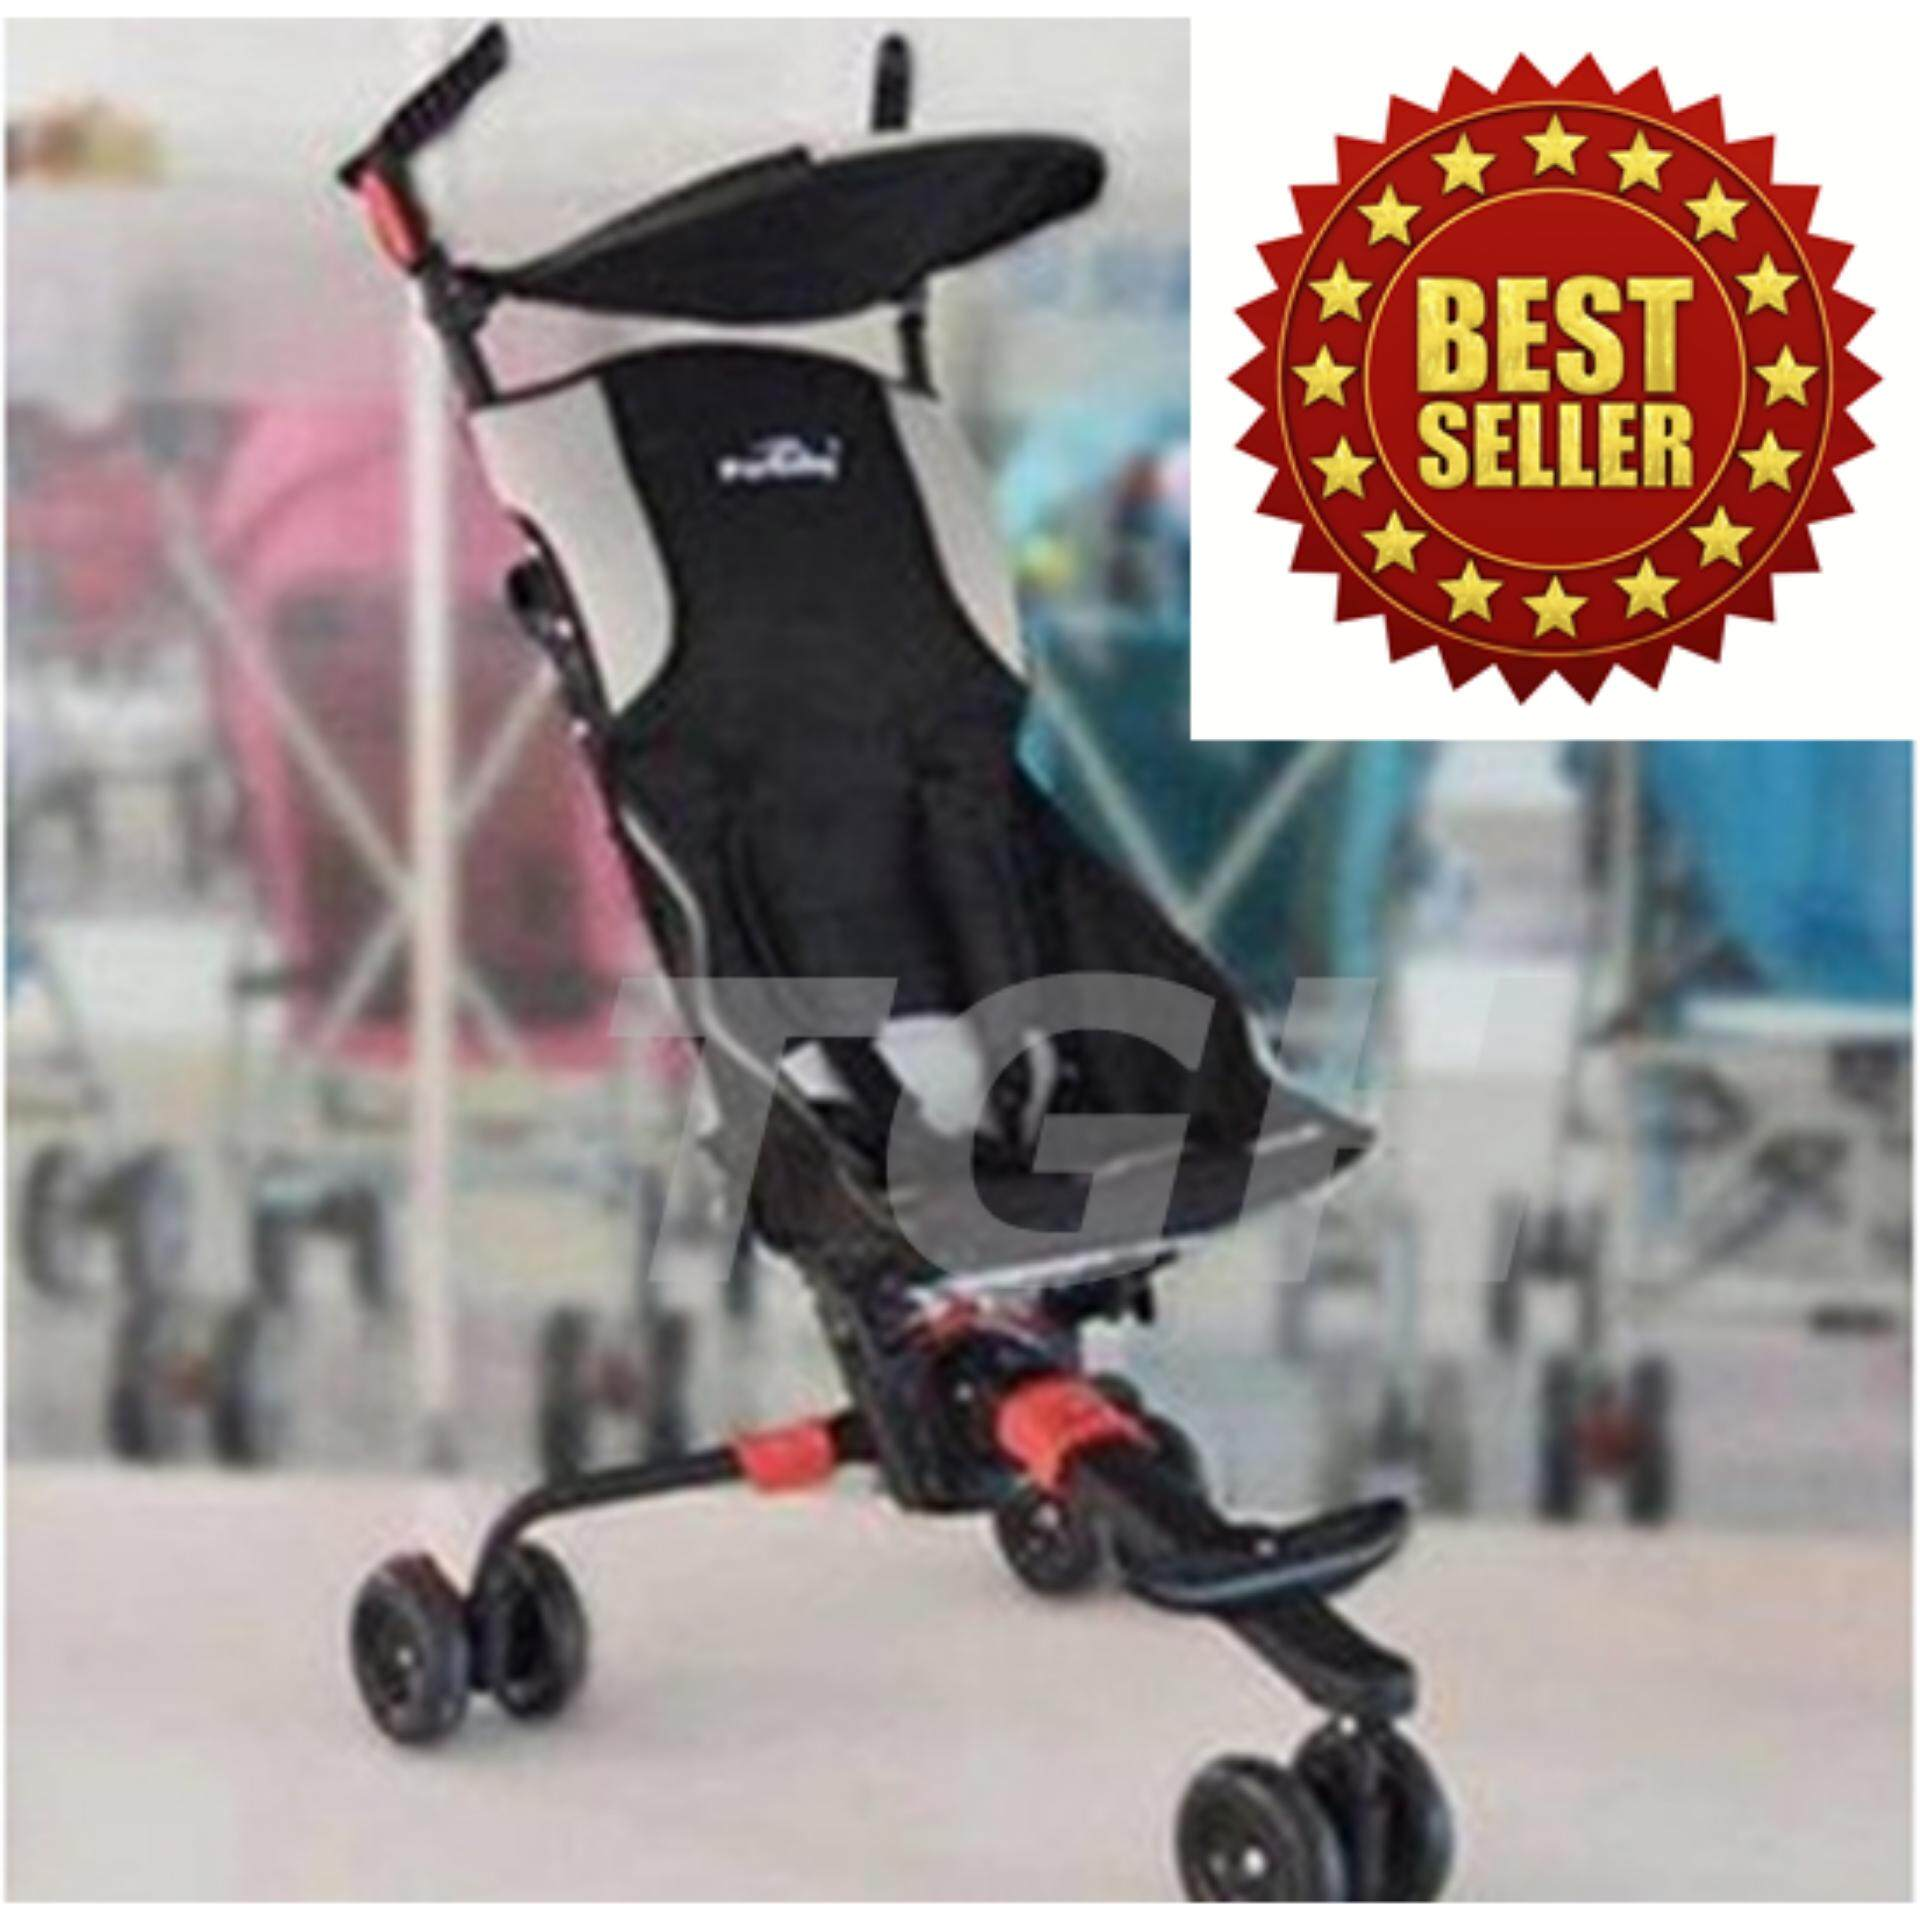 โปรโมชั่นลดราคา Exceed รถเข็นเด็กแบบนอน EXCEED รถเข็นเด็ก Baby Stroller เข็นหน้า-หลังได้ ปรับได้ 3 ระดับ รุ่น-808Q ( BST003 ) ลดล้างสต๊อก